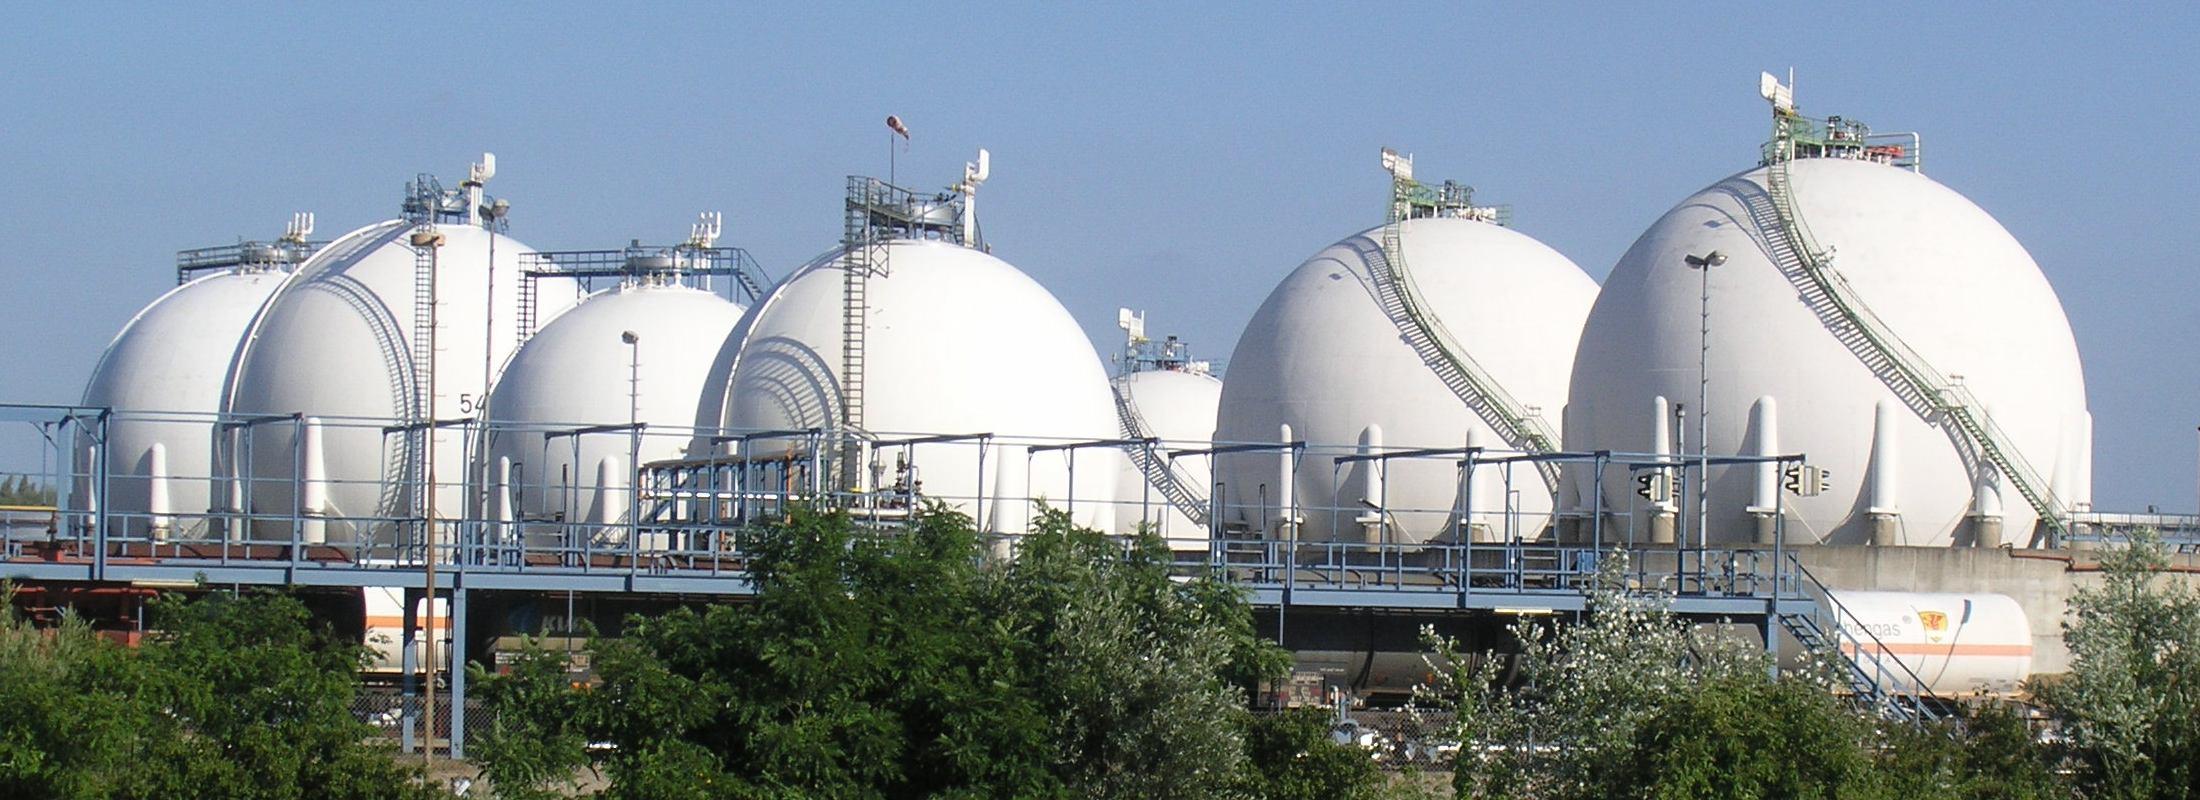 lpg-tanks